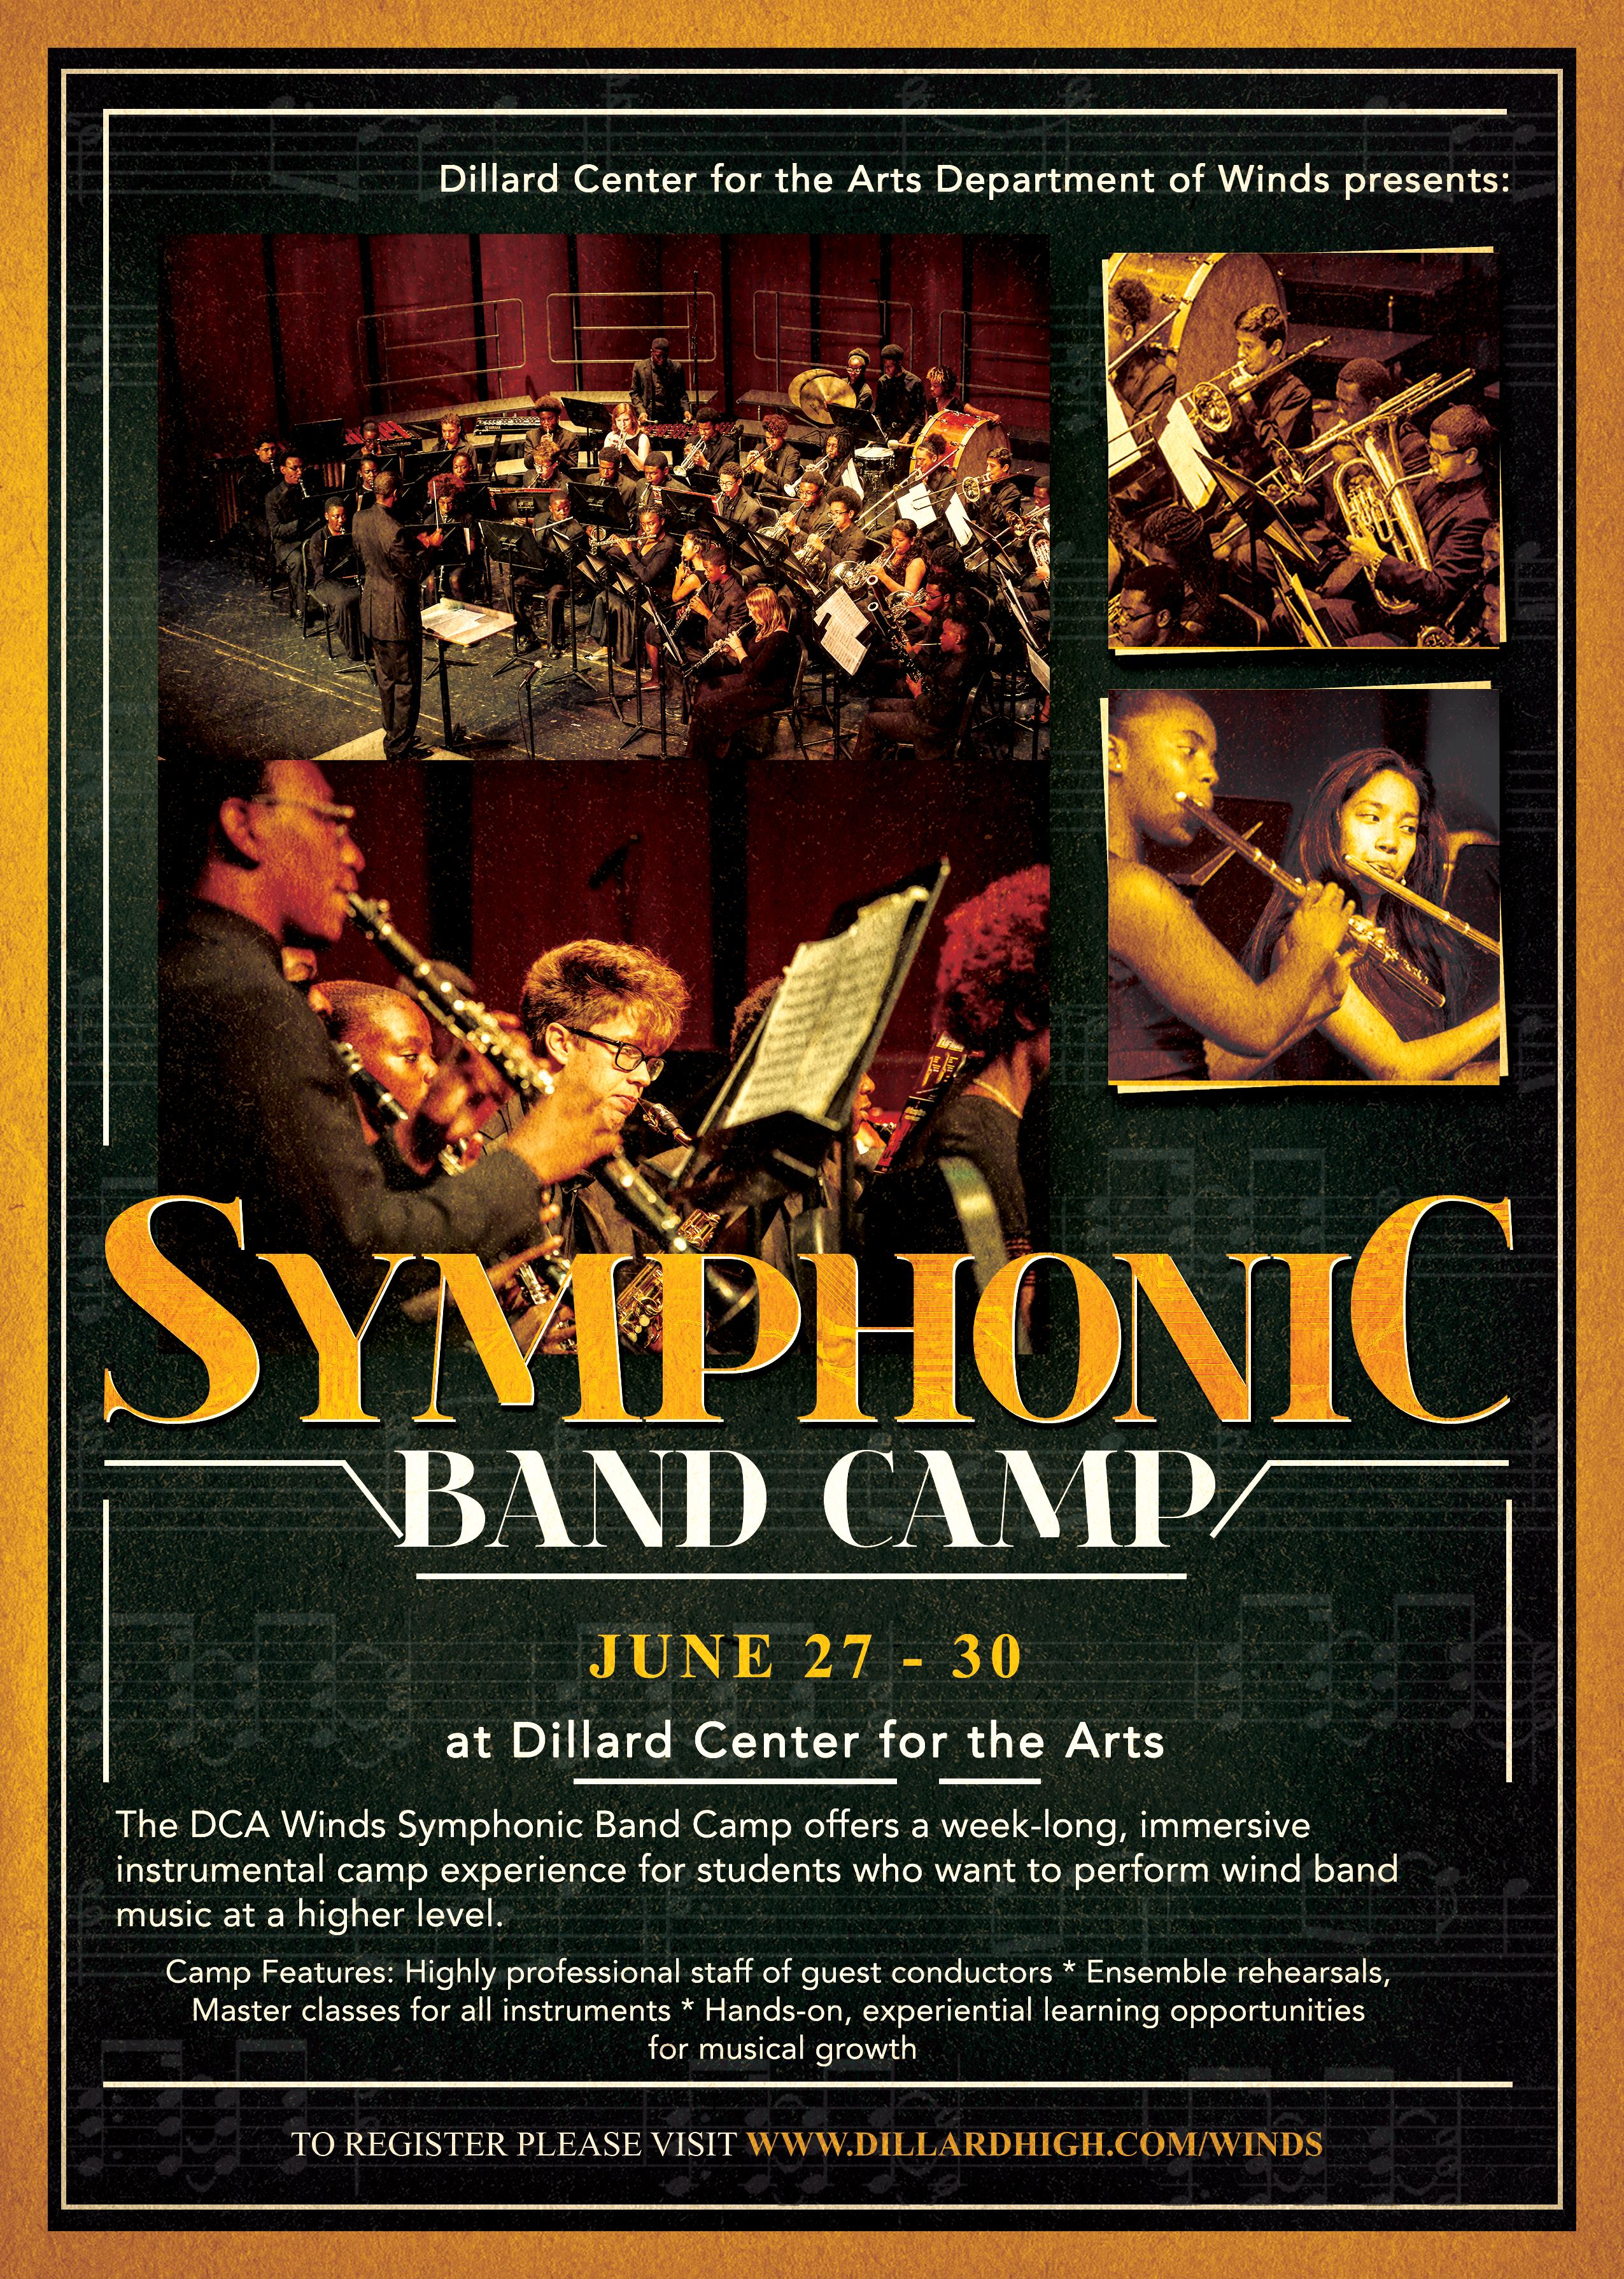 Symphonic Band Camp